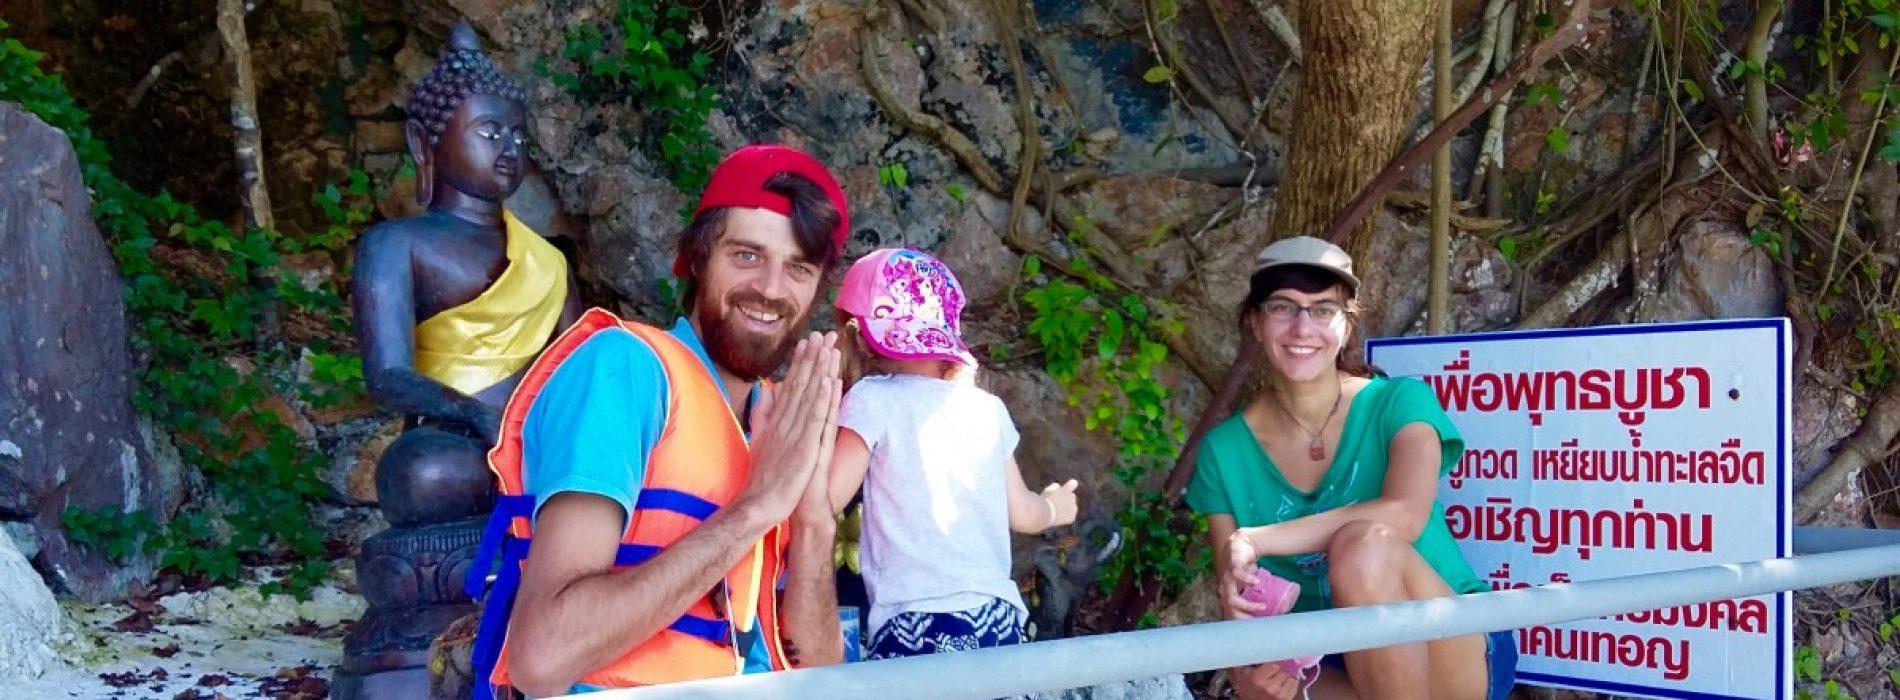 Kinder Trips, blogul unde călătoriile cu copiii sunt văzute ca un proces de învățare